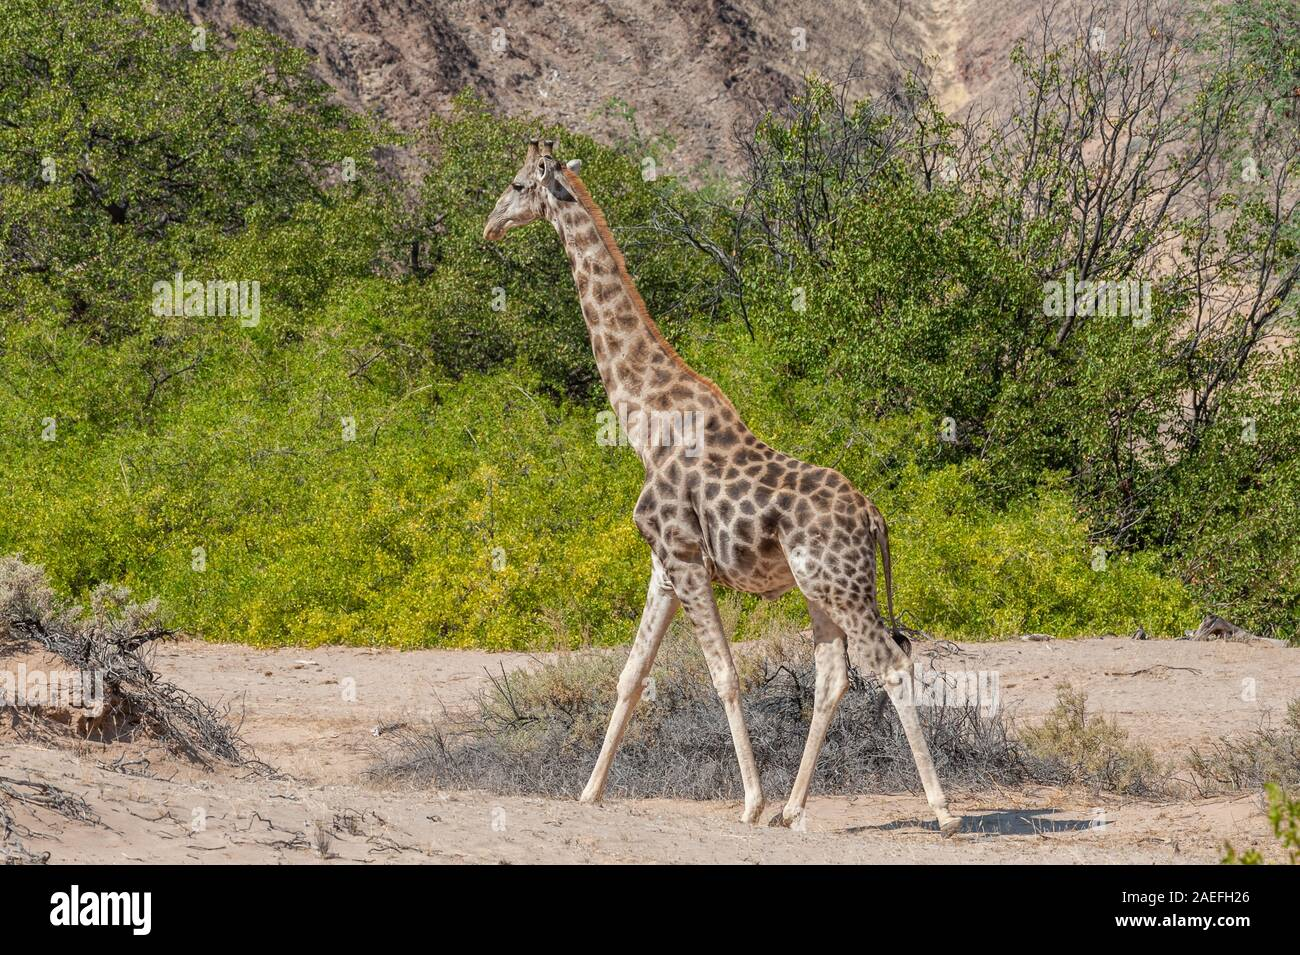 Portrait d'une girafe angolais - Giraffa giraffa angolensis- le long de la rivière Hoanib, dans le nord-ouest de la Namibie. Banque D'Images